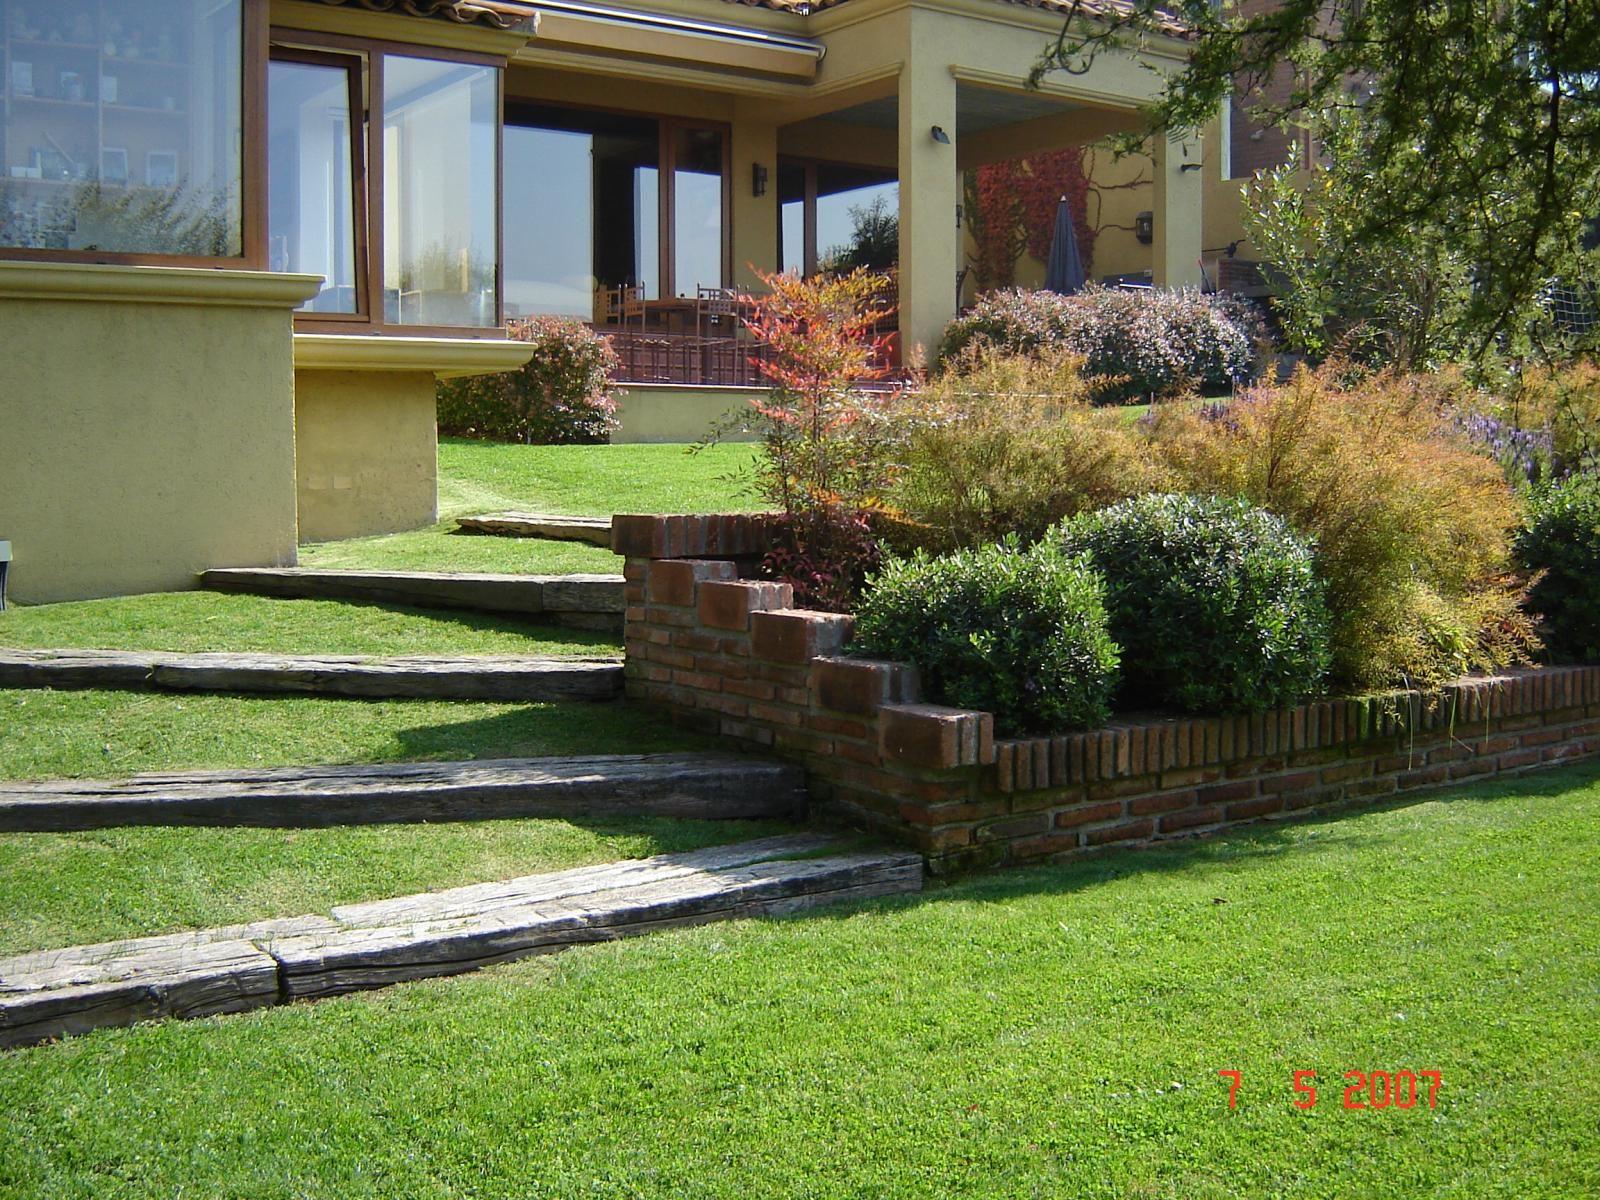 Taludes desniveles y escaleras en el jard n for Casas con jardin